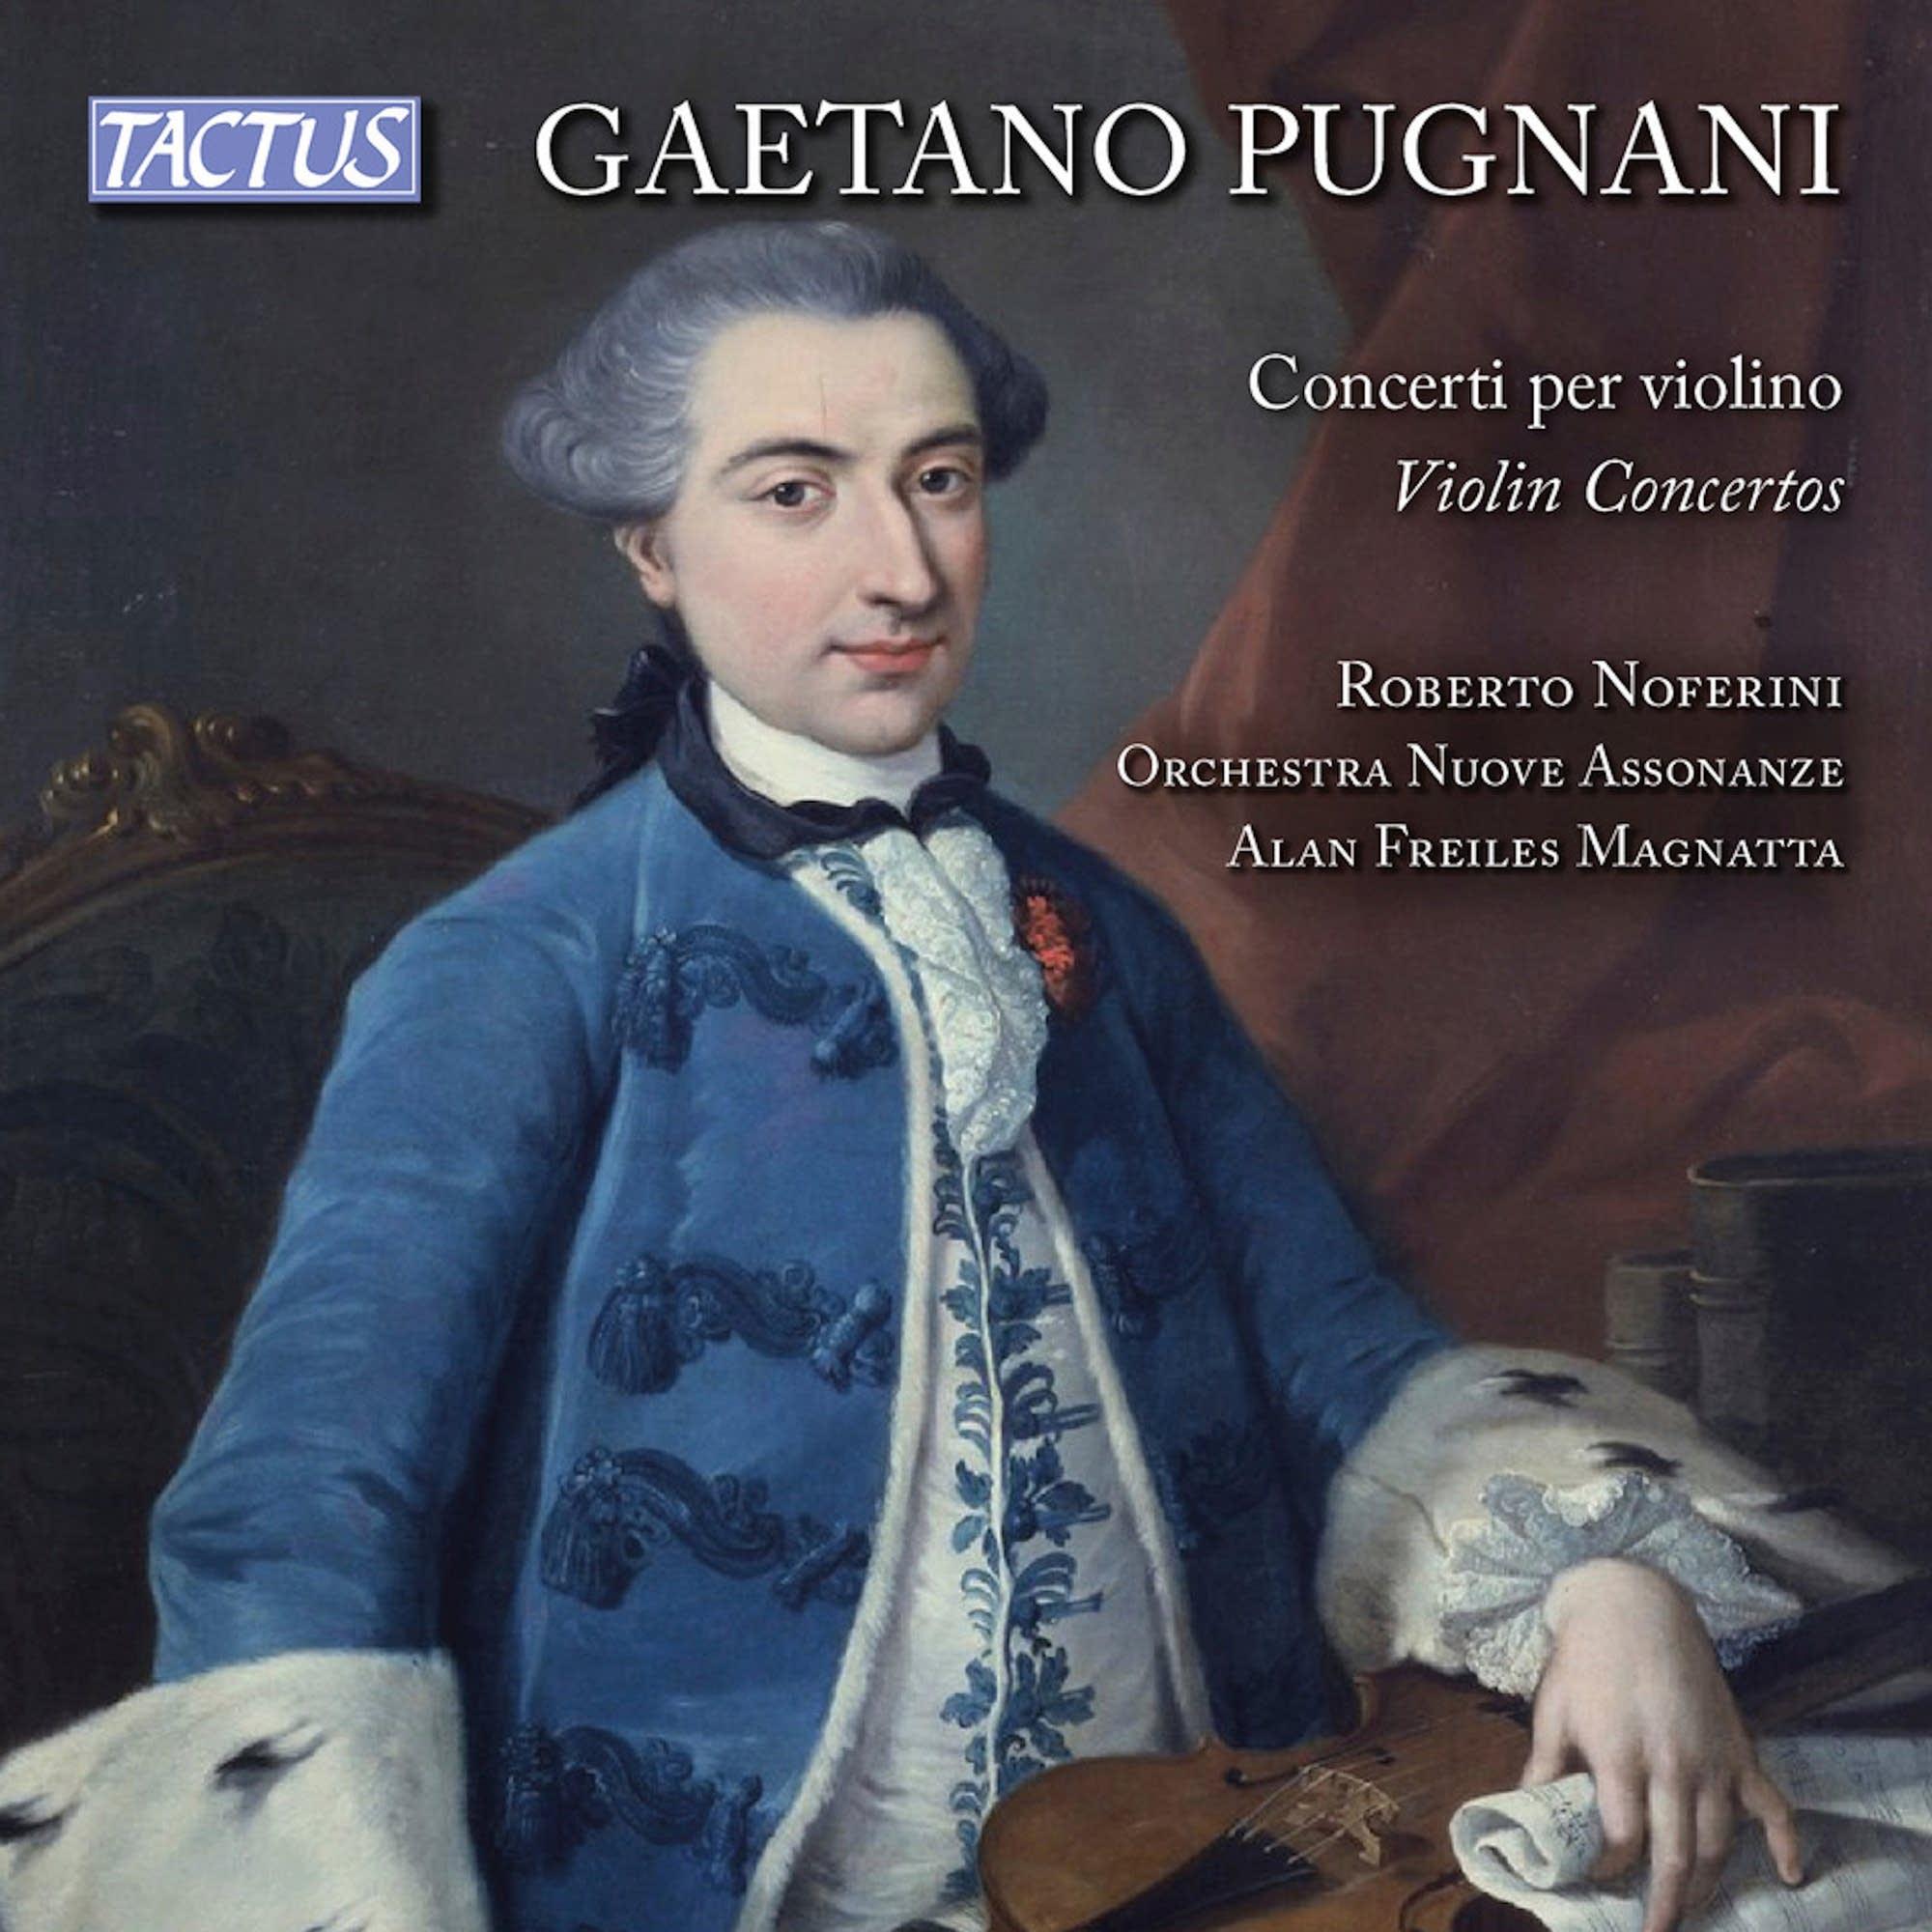 Gaetano Pugnani - Violin Concerto in D: III. Allegro brillante